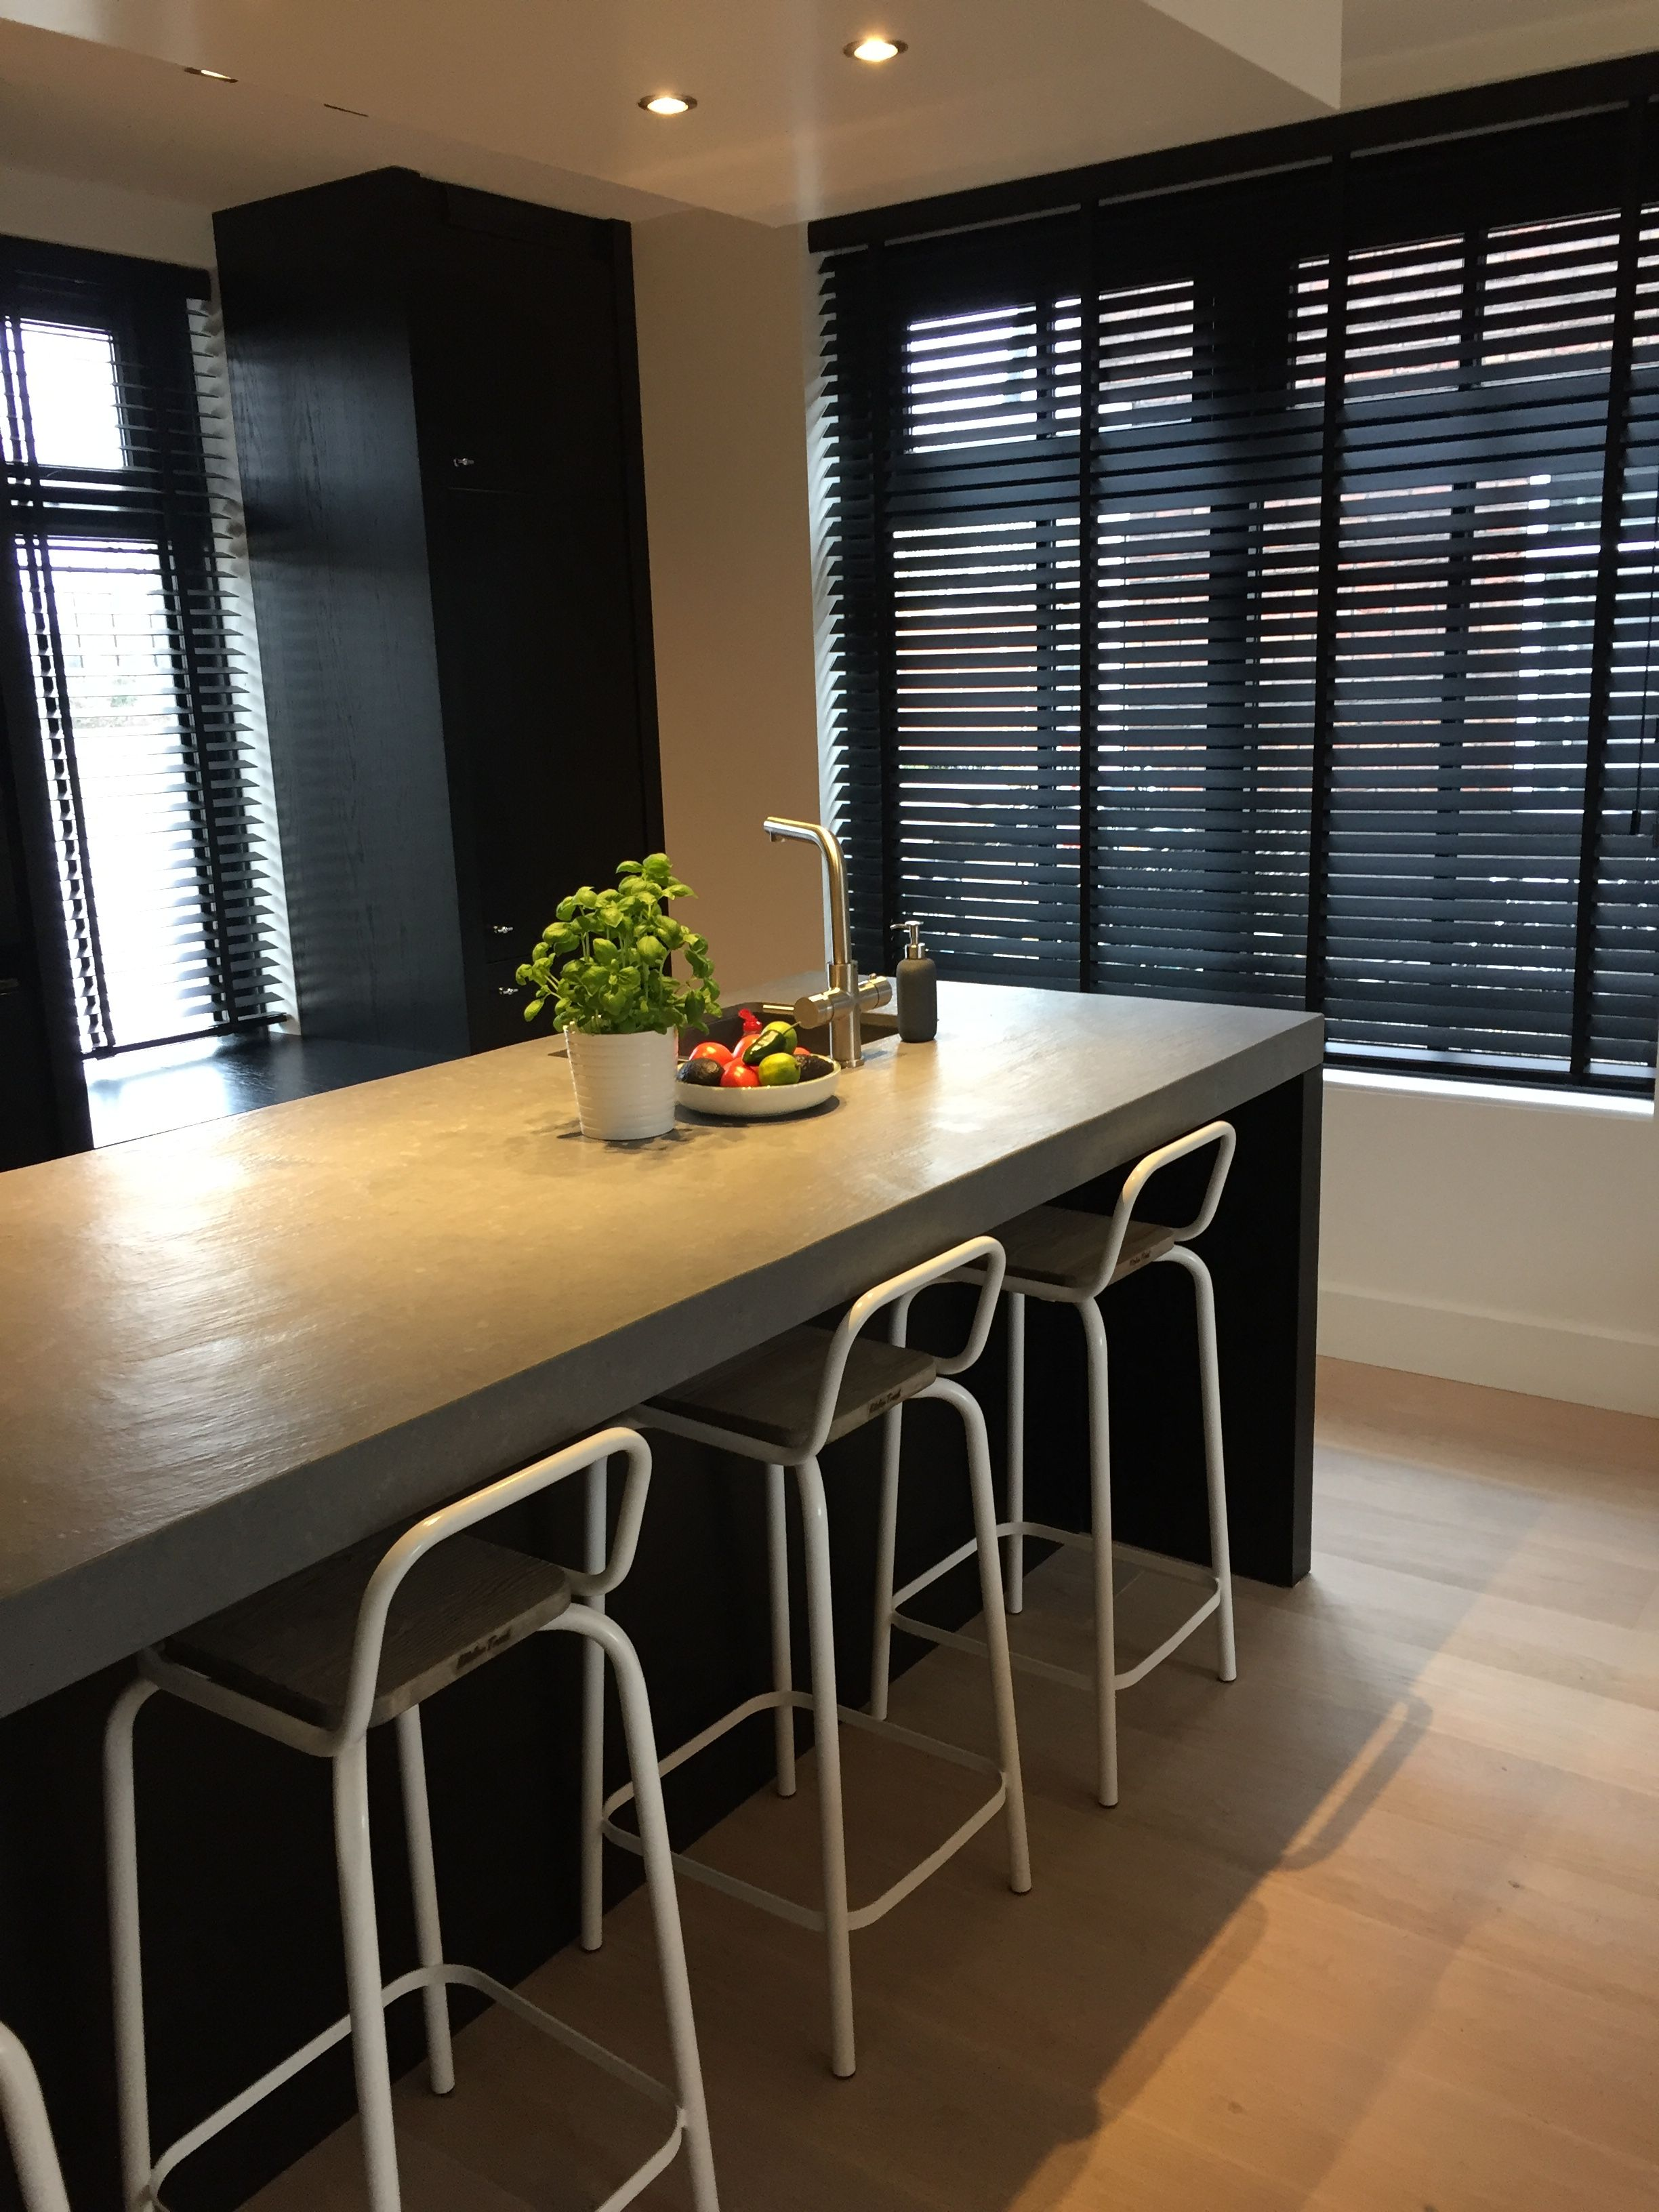 zwarte keuken betonnen aanrechtblad barkrukken kitchentrend